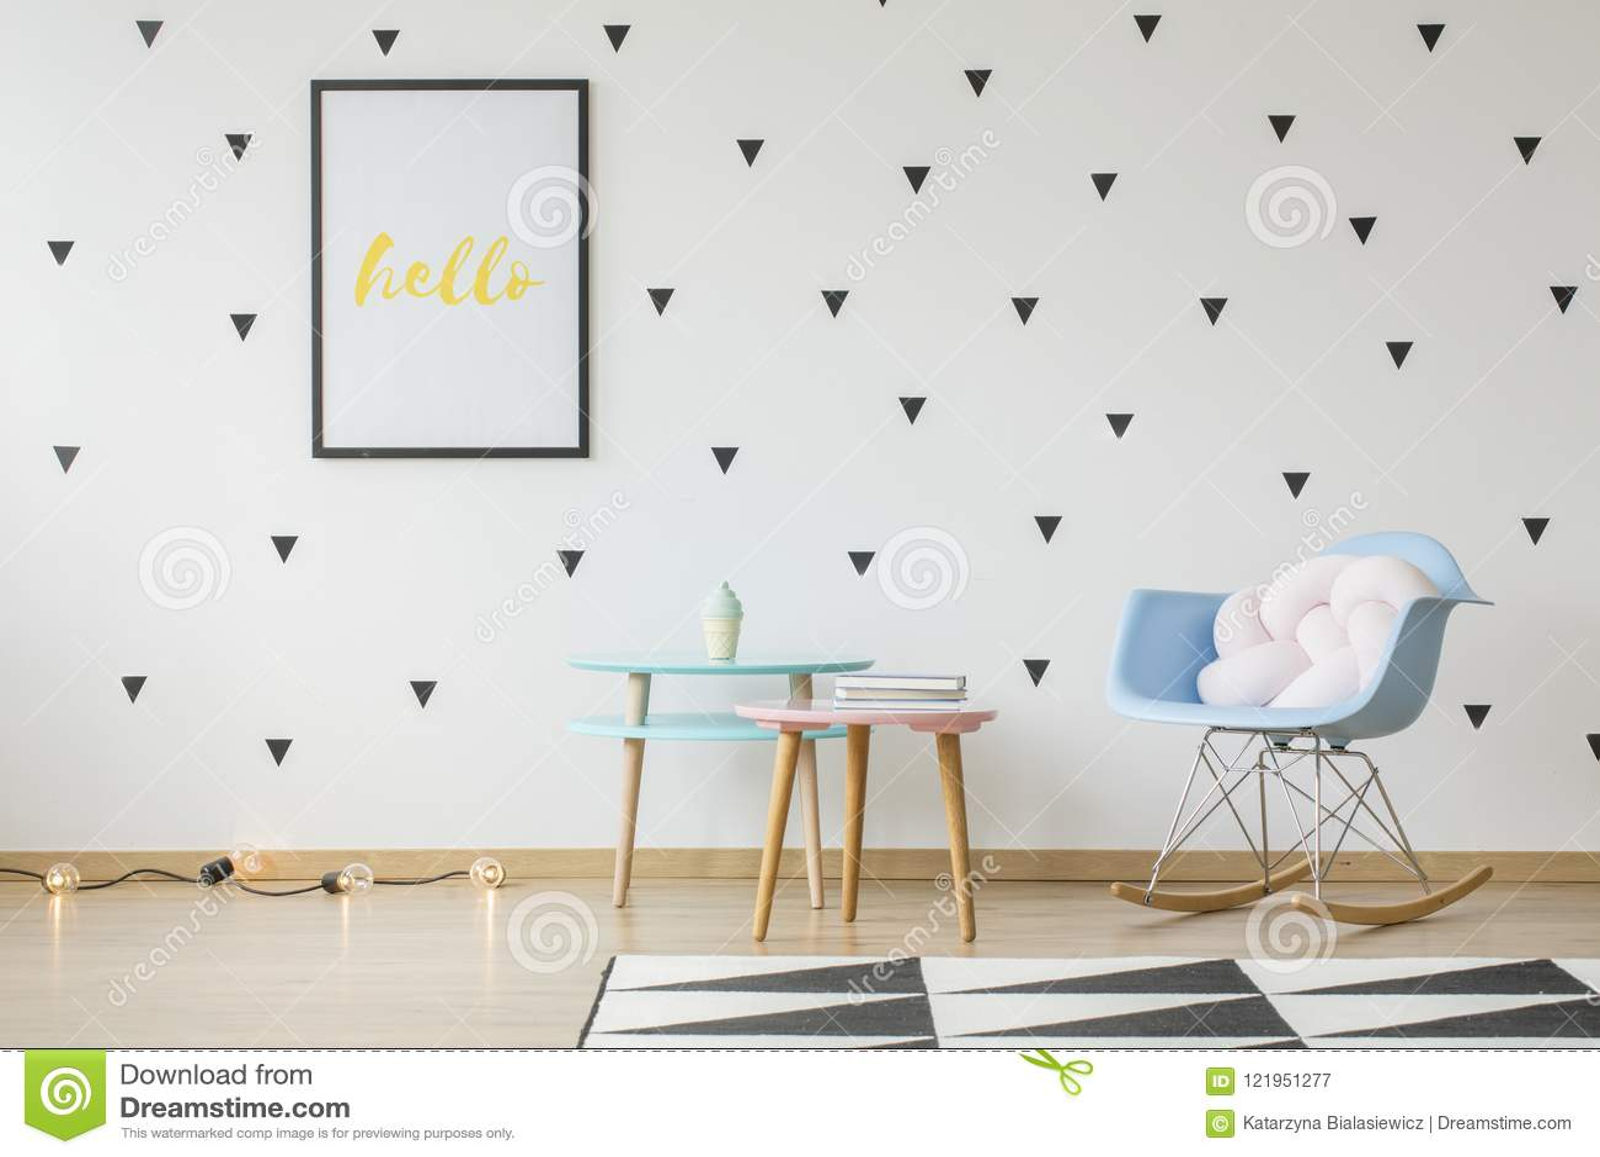 La maqueta del cartel en la pared con los triángulos wallpaper en niño brillante